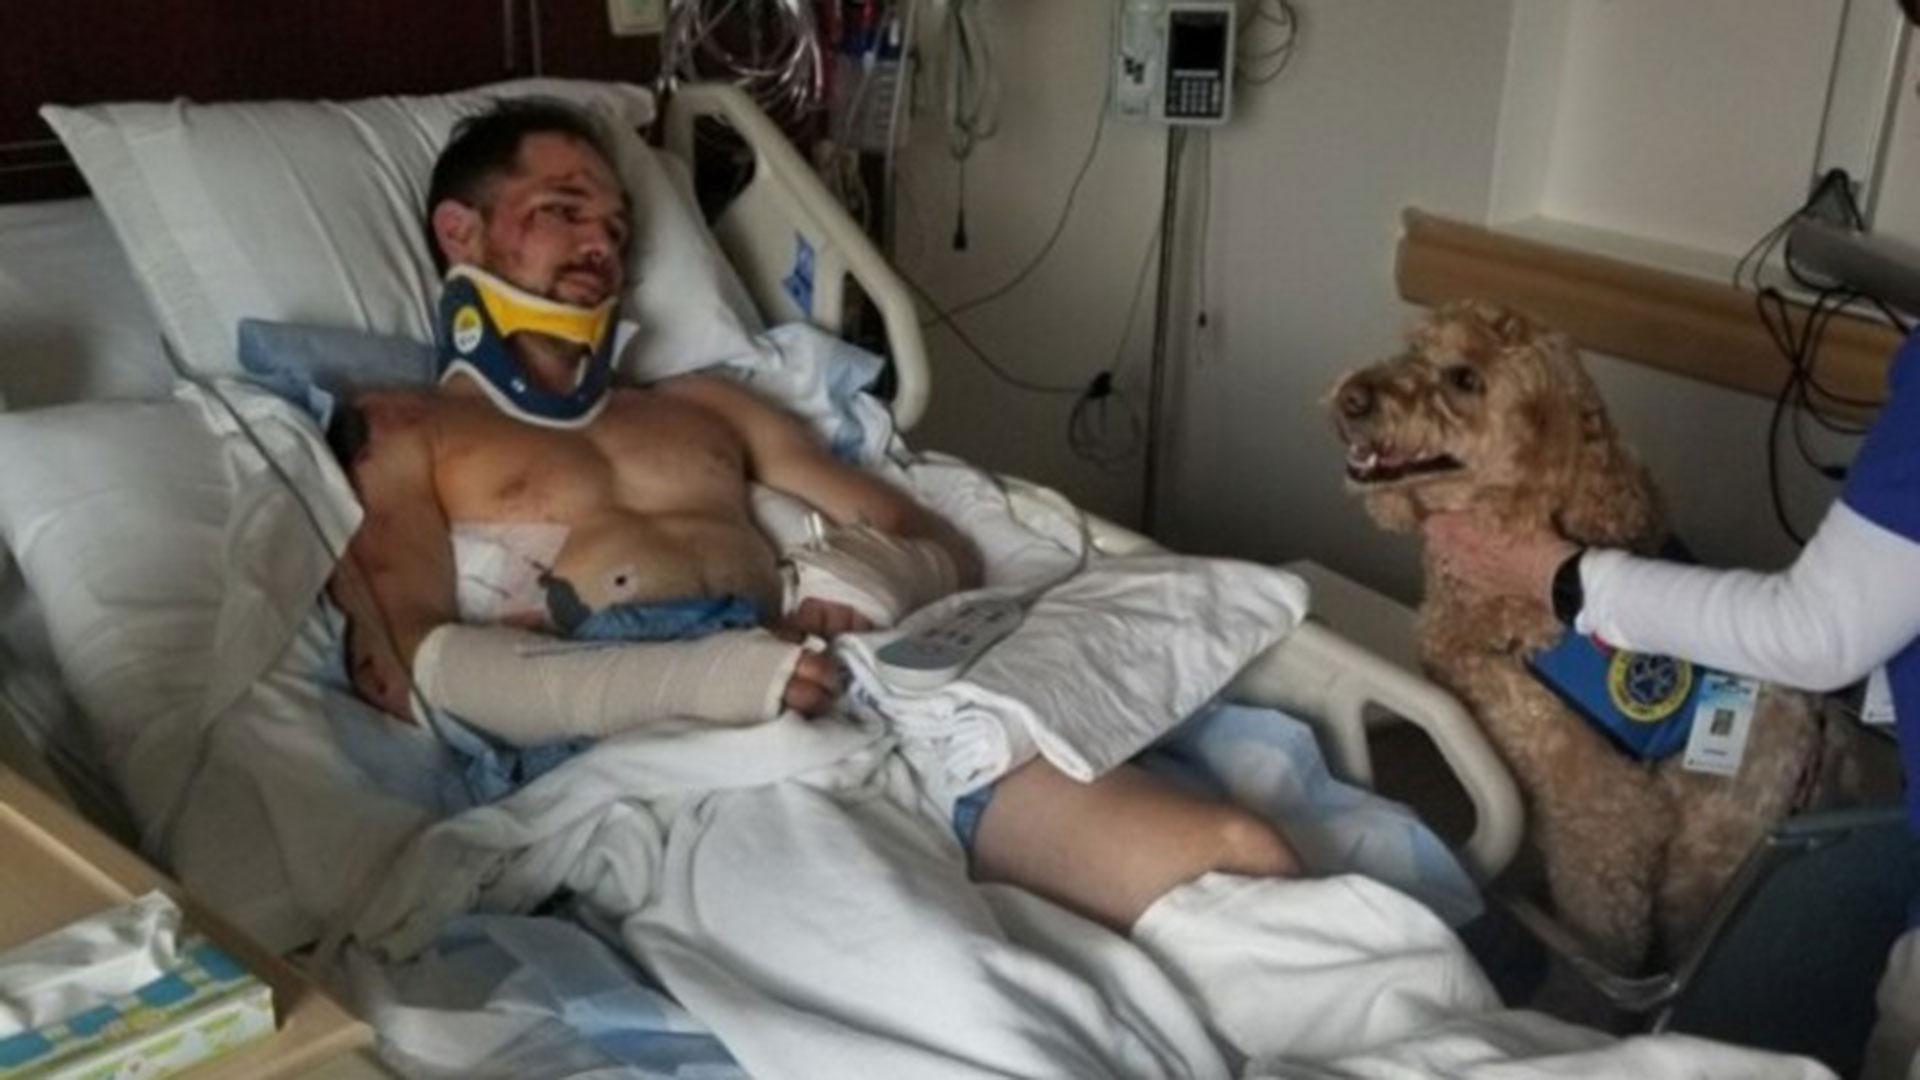 Así terminó Kyle Walker, tras sufrir la rotura de las dos muñecas, ocho costillas, la pelvis y la perforación de un pulmón